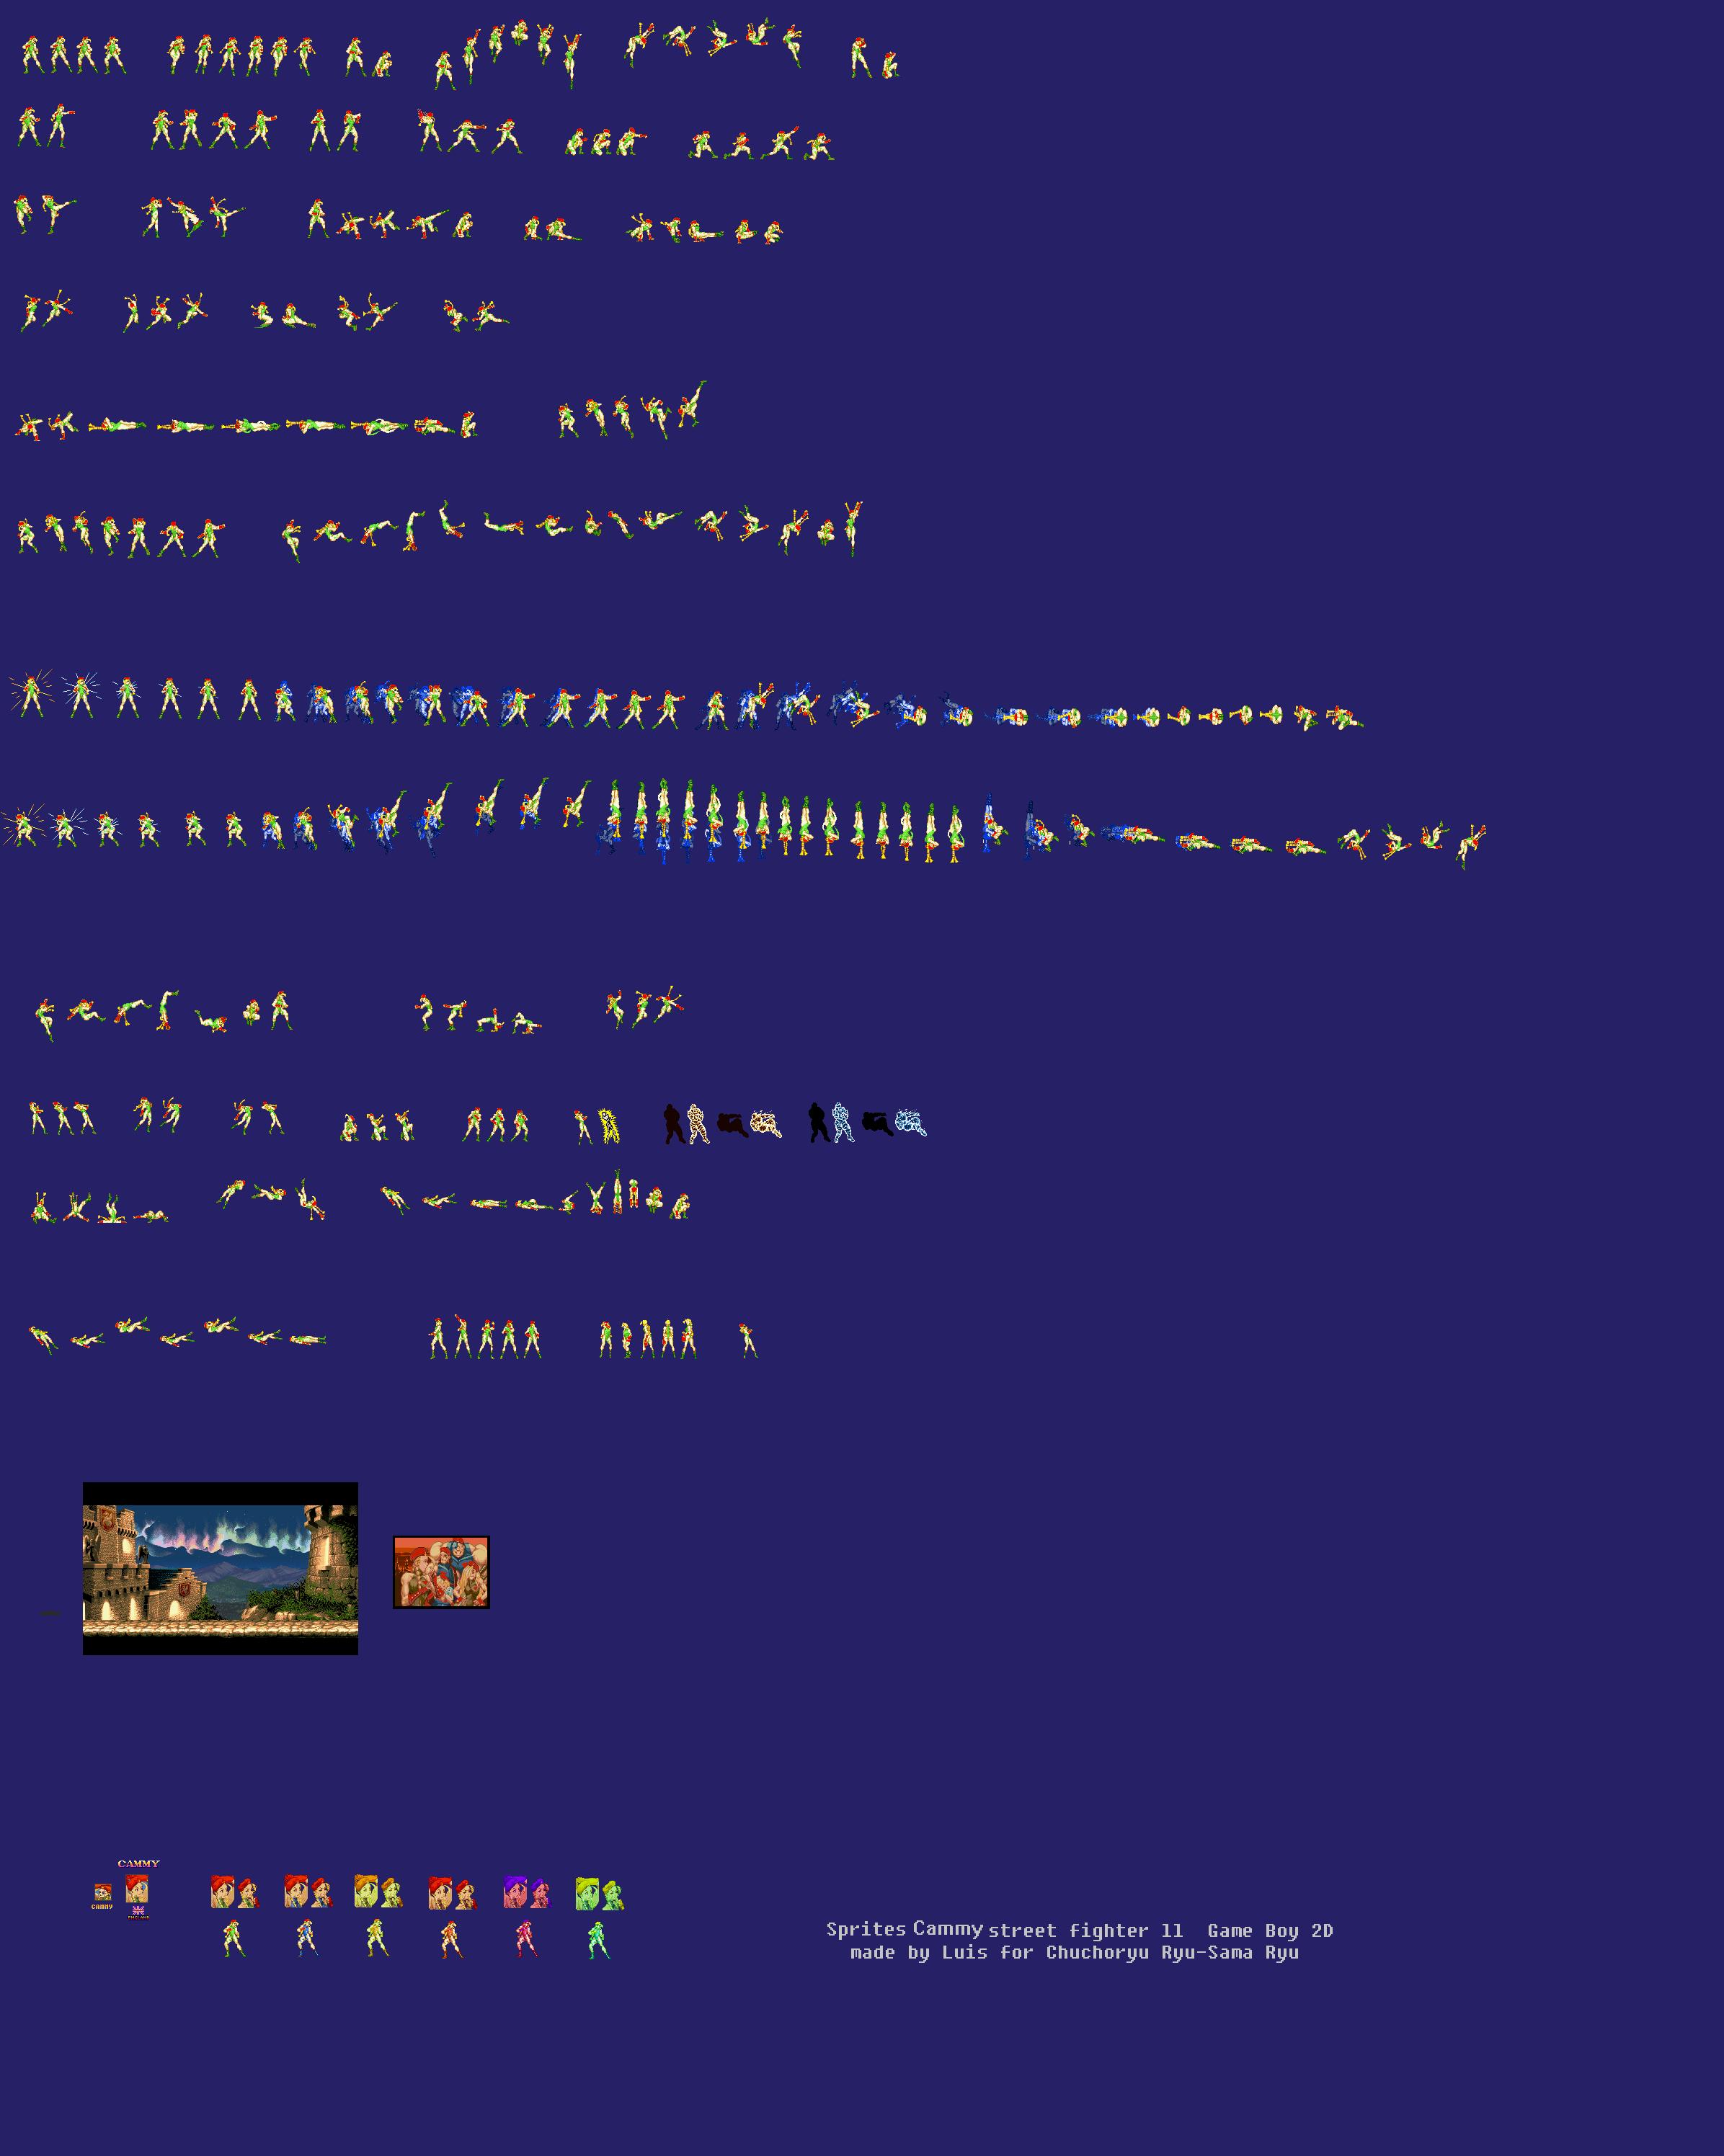 Sprite Cammy Street Fighter ll Gameboy 2D by luis ...